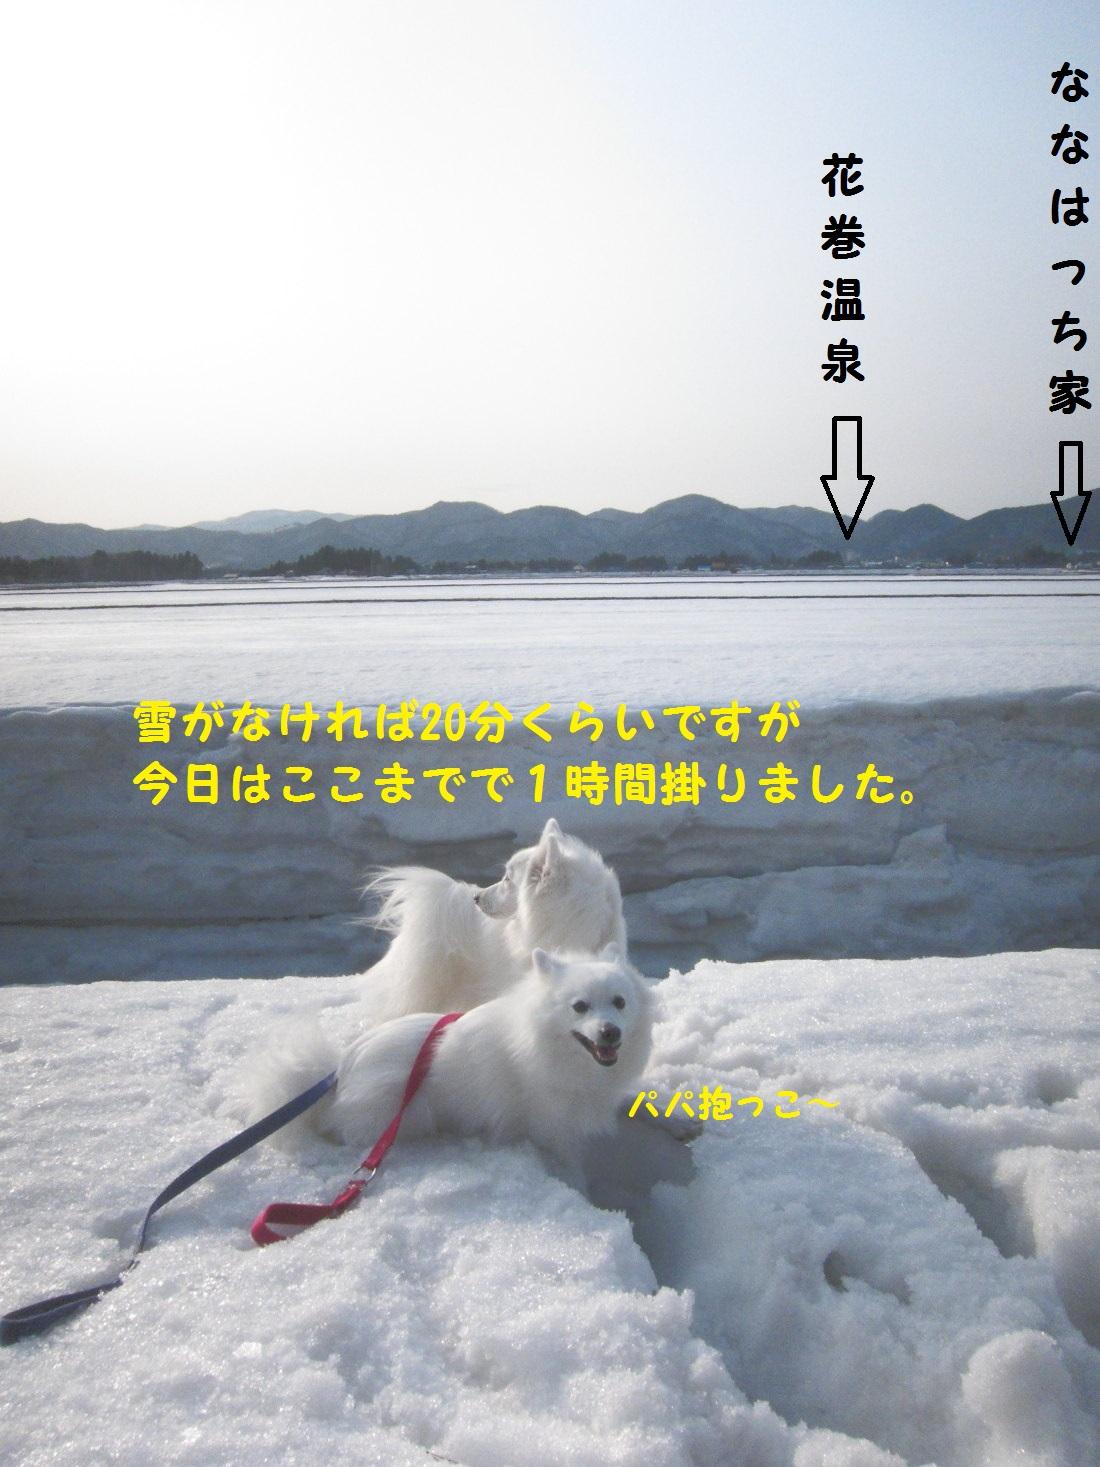 DPP_0520.jpg